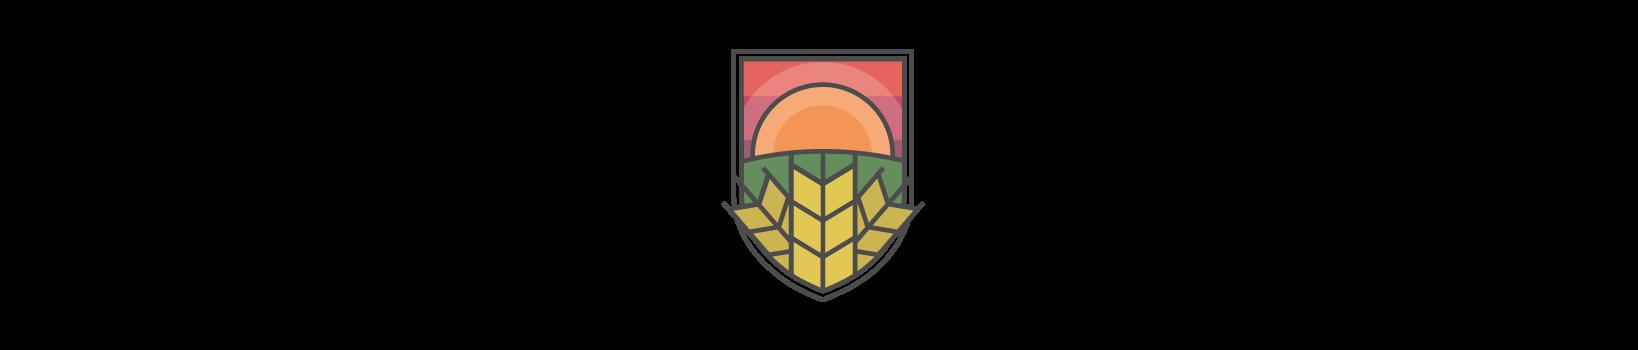 Crest-Web.png